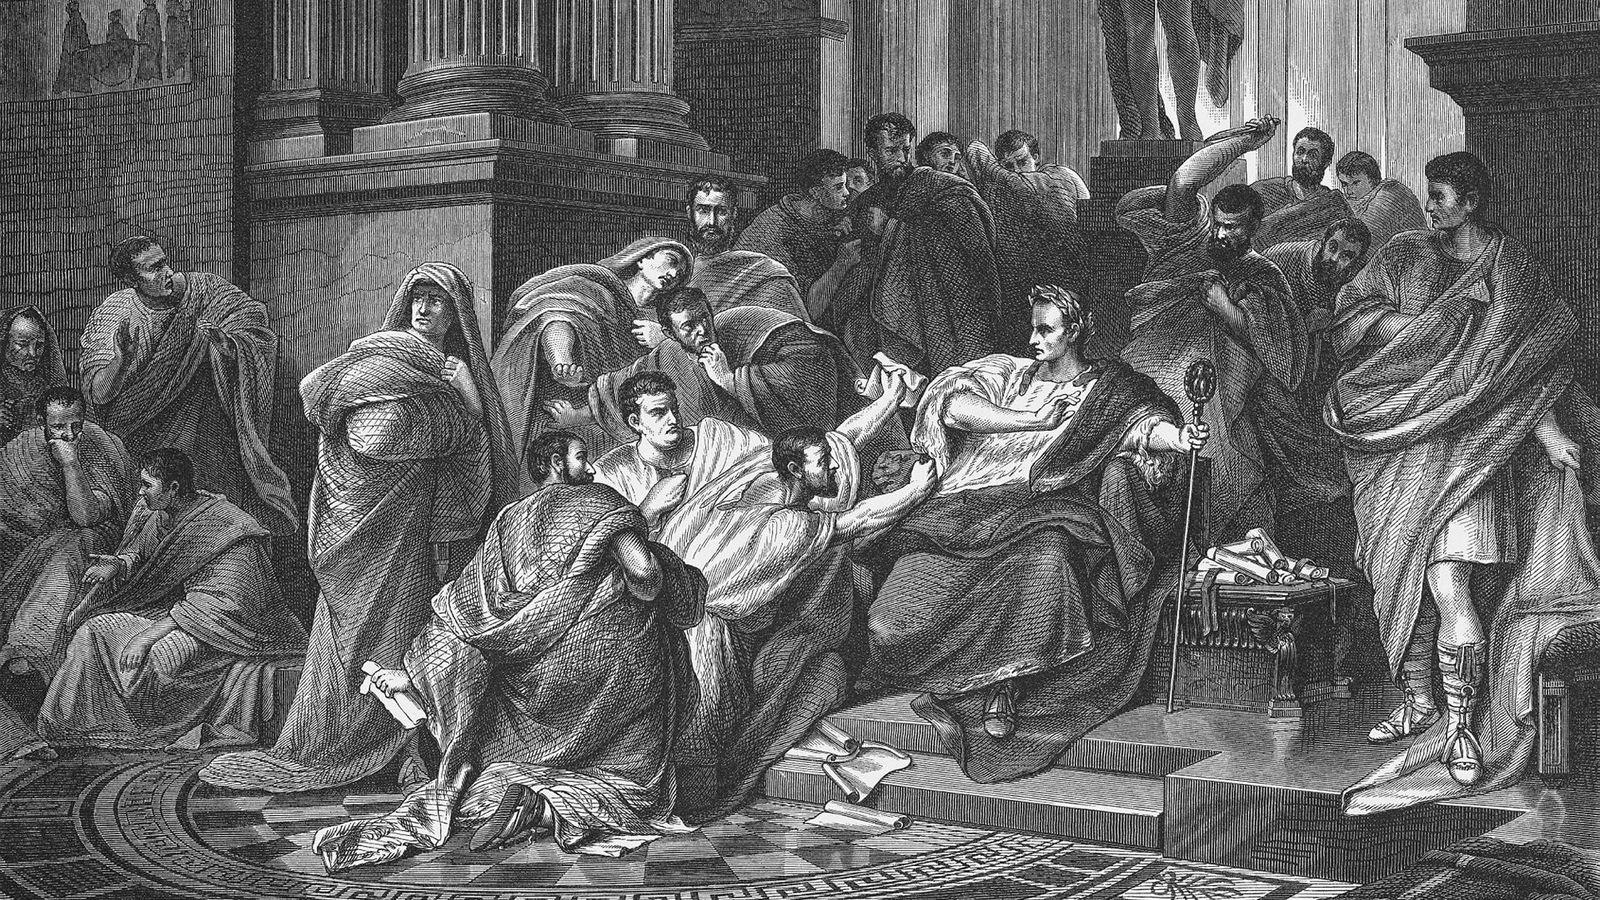 Julius Cæsar skaper den sterkeste organisasjonen antikken har sett. Han lar aldri organisasjonen stivne. Hele tiden presser han til nye prestasjoner. Organisasjonen er fleksibel til å mestre utallige utfordringer. Den er rask til beslutninger og enda raskere i gjennomføring, skriver artikkelforfatteren. Her portretteres Julius Cæsars død i en tregravering (1865) av den tyske kunstneren Carl Theodor von Piloty (1826-1886).